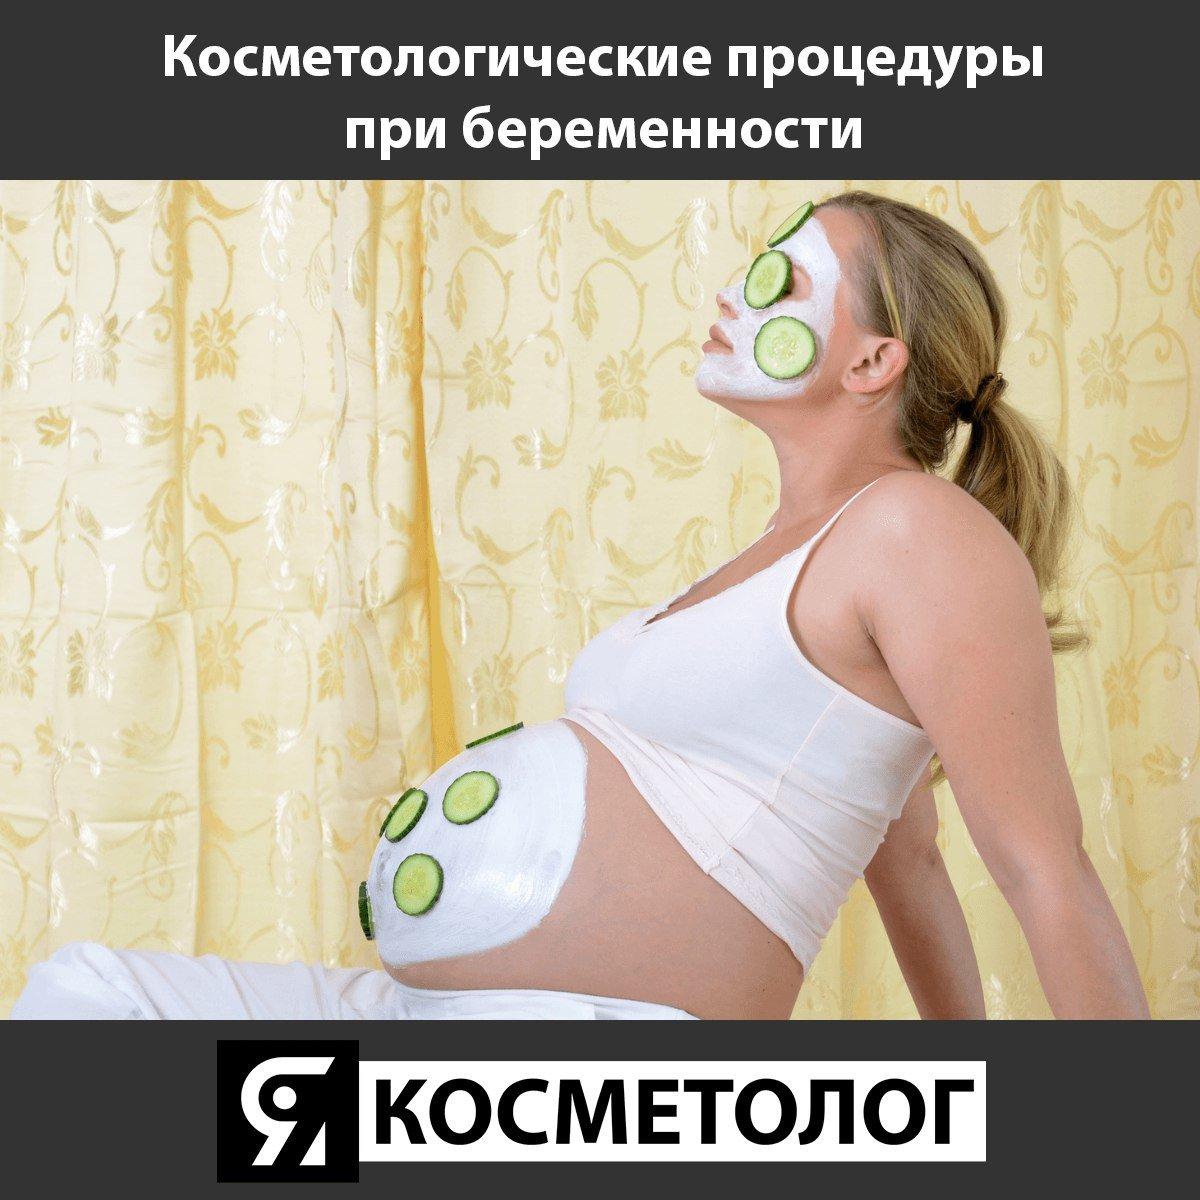 Уход за собой во время беременности: что можно, а что нельзя